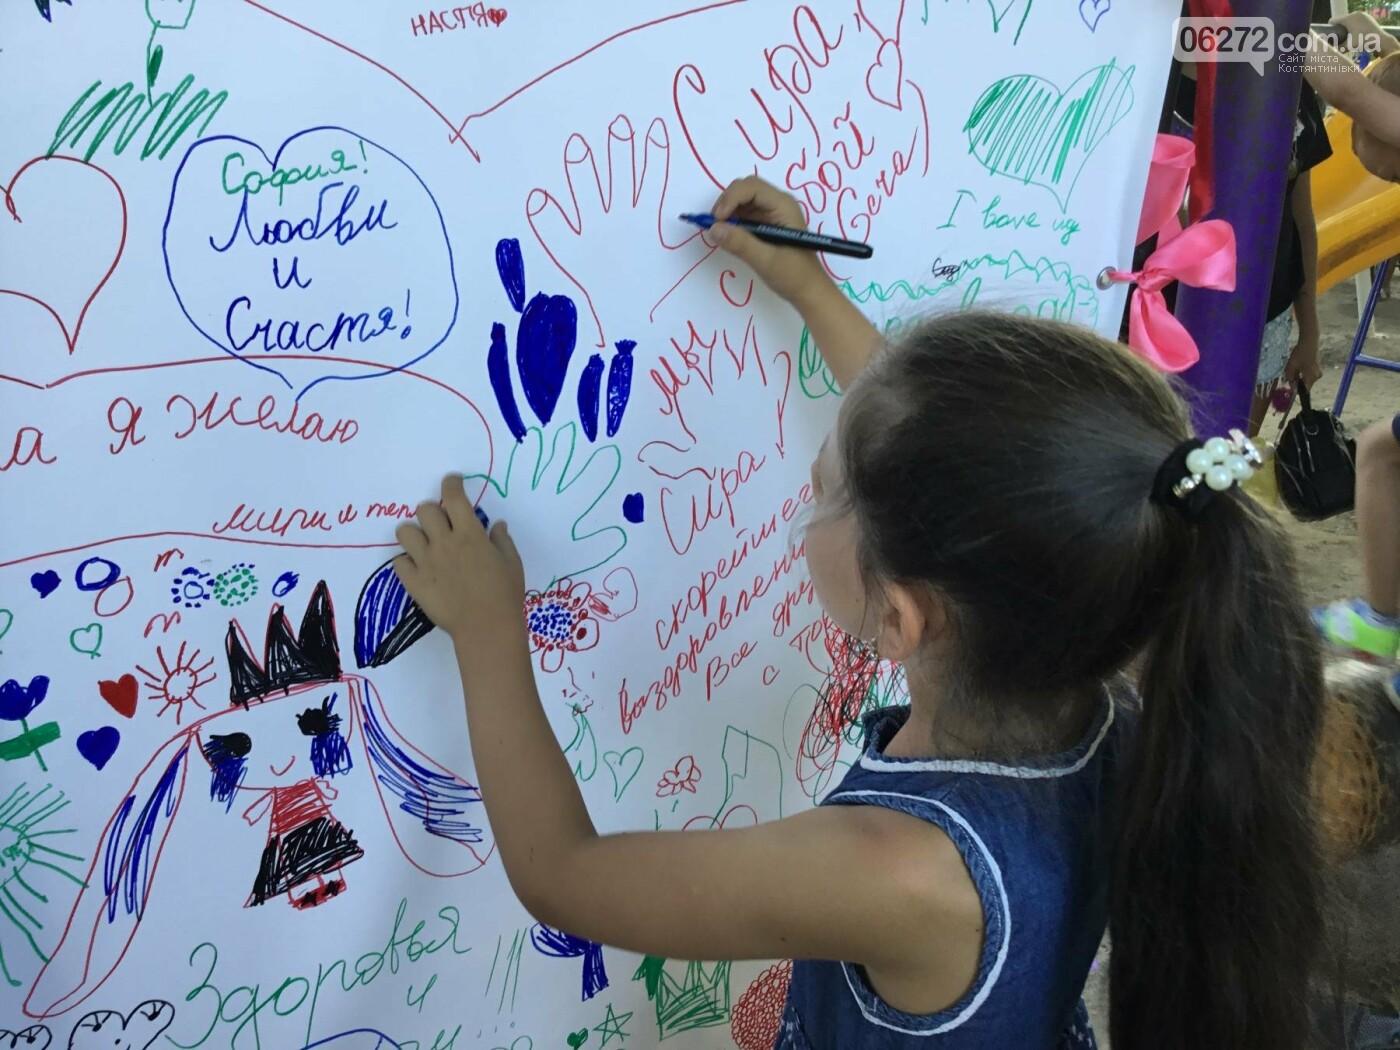 Вчера в Константиновке состоялся благотворительный праздник для детей (видео), фото-3